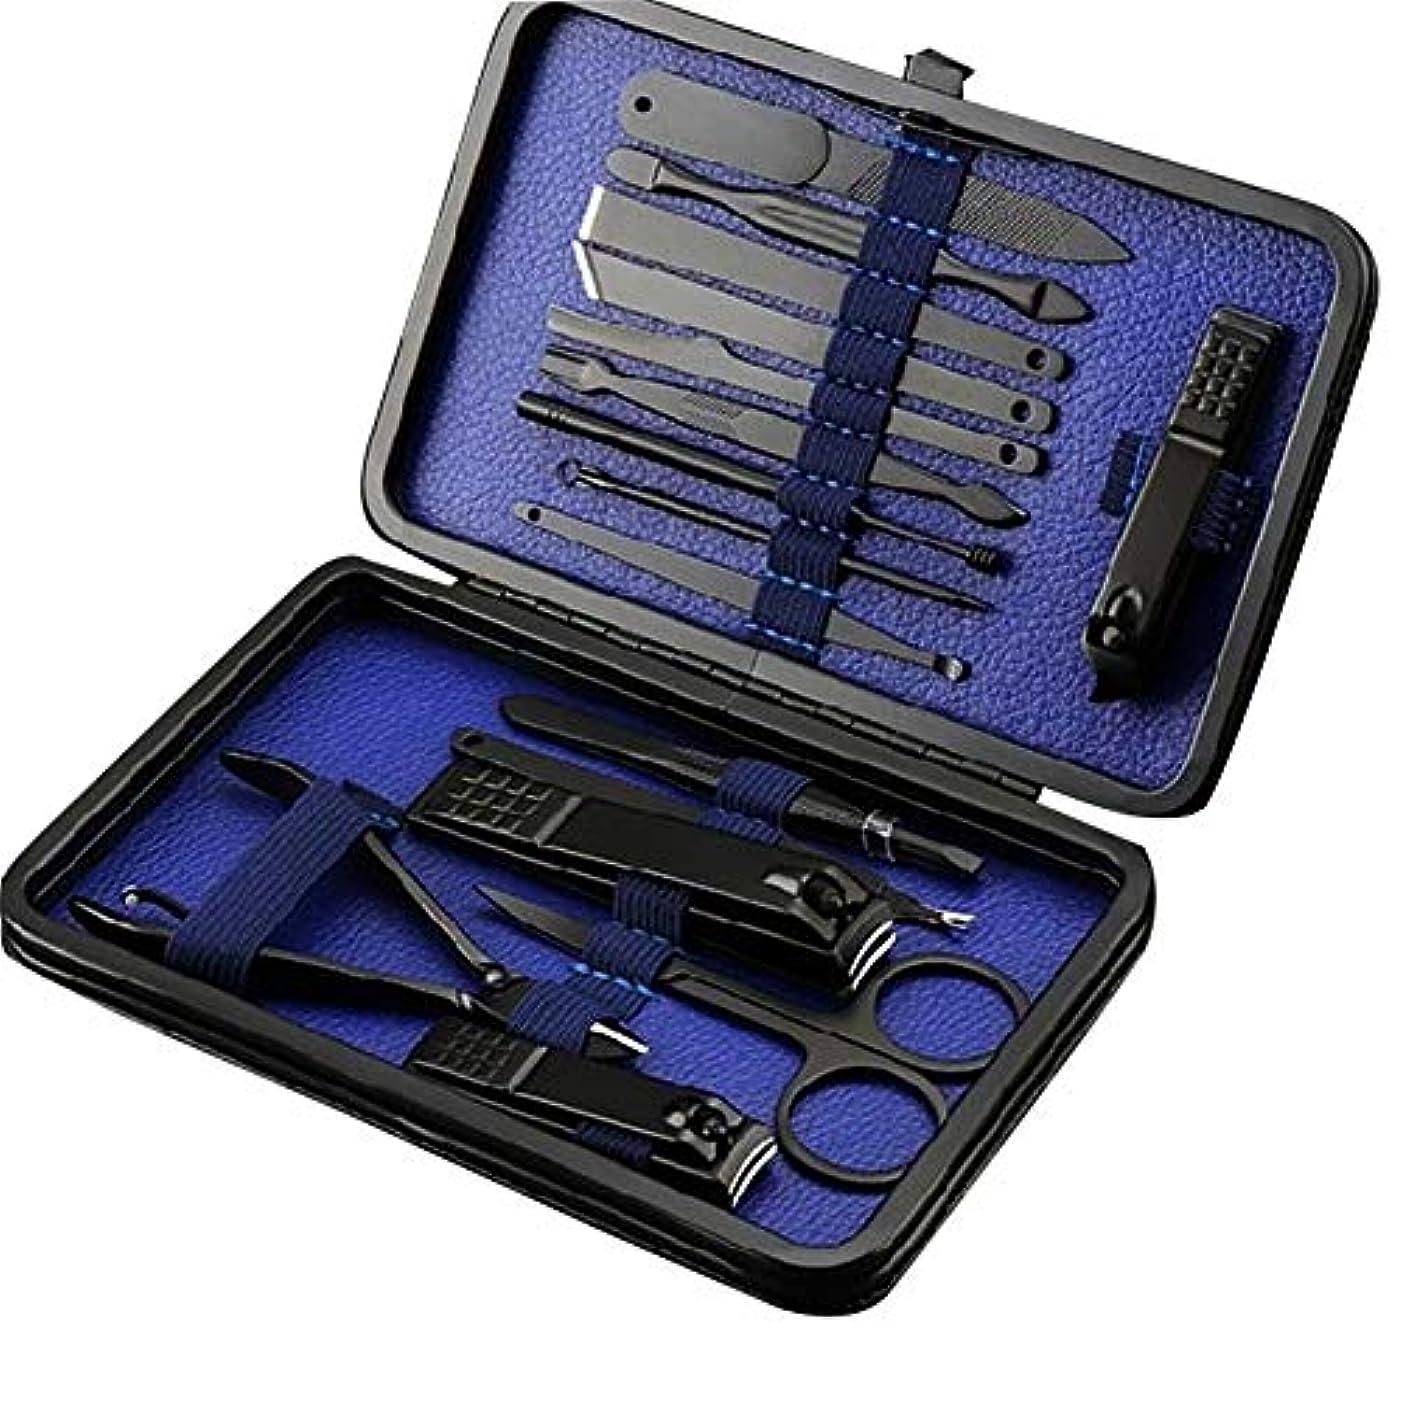 サンダース戻るラテンBOZEVON ネイルケア16点セット - 多機能爪切りセットつめきり手足爪磨き甘皮処理, ブルー